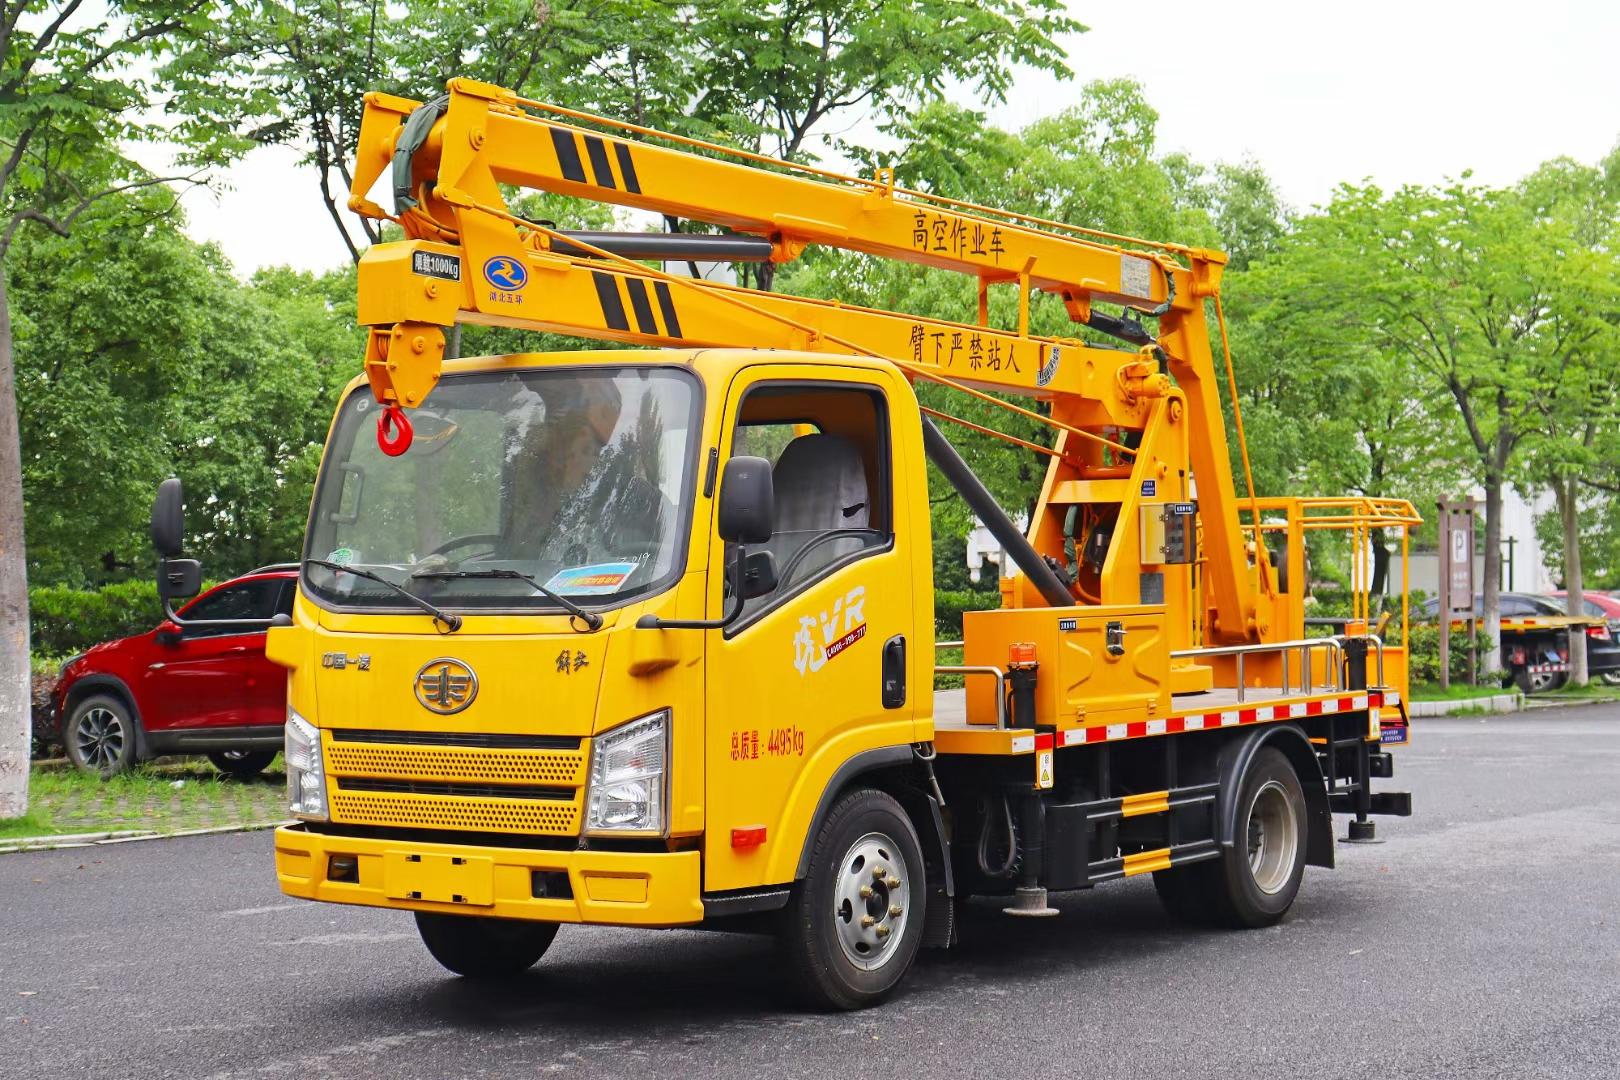 解放虎v13.5米單排藍牌高空作業車,廠家直銷包送到家圖片